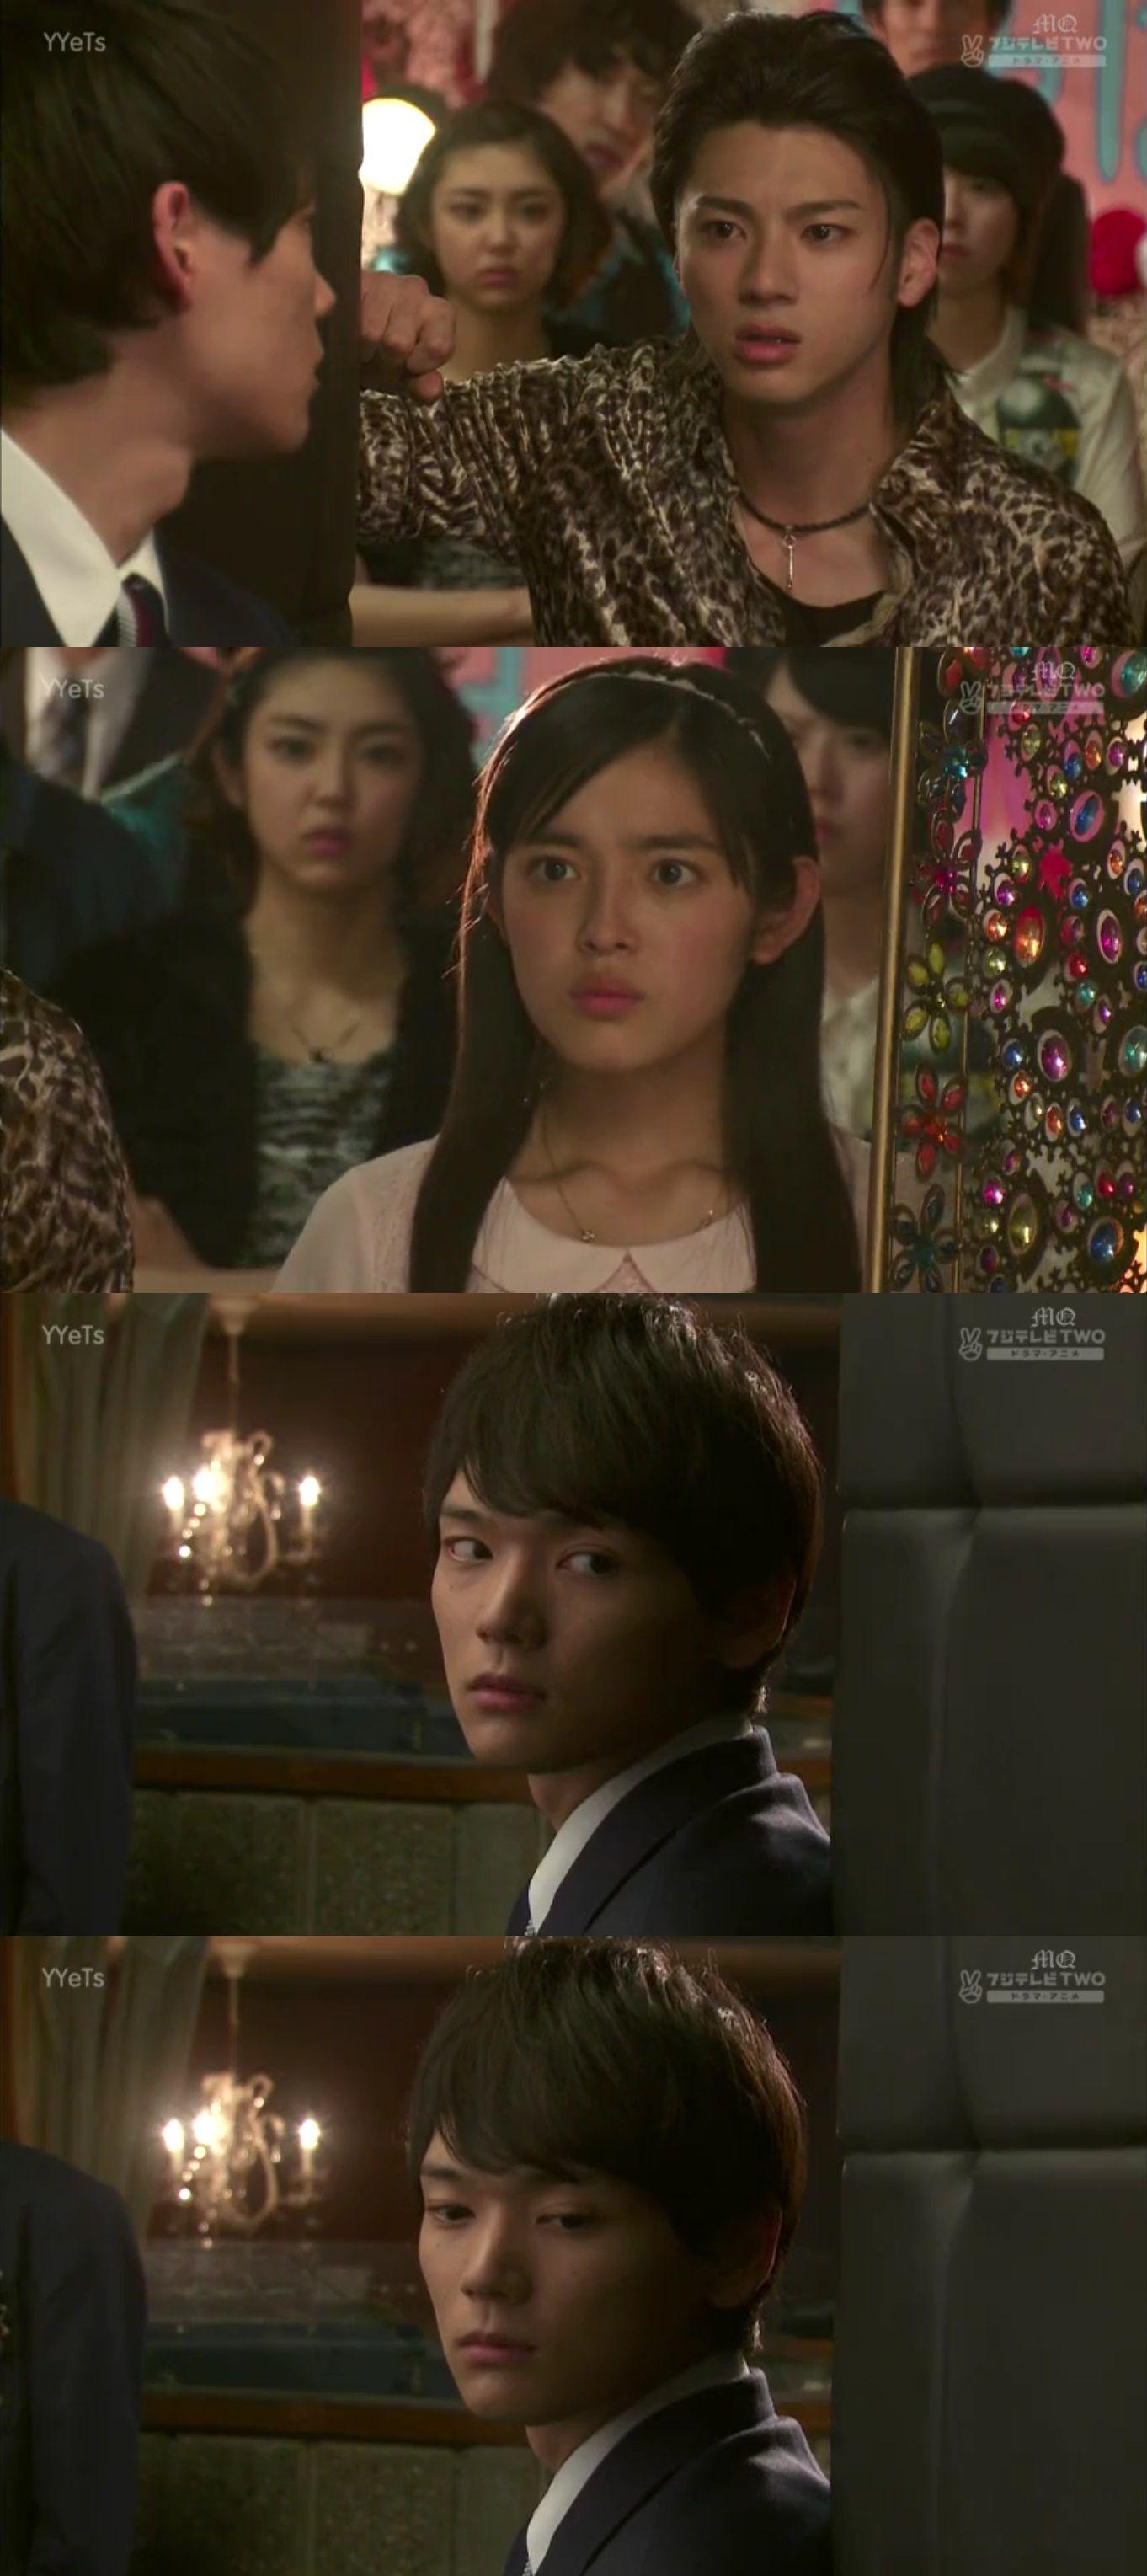 """Los alumnos de la Clase A comienzan a hacer sentir mal a los de la F. Kin no aguanta más y los confronta. En ese momento interviene Naoki: """"Después de todo, la única manera de que la gente de la Clase F puede contra nosotros es con músculos""""-mirando a Kin. Todos se molestan, en especial Kotoko. Kin harto con lo que ha sucedido, sale del salón. Kotoko lo sigue, mientras Naoki observa como ella vas trás él - Itazura na Kiss Love in Tokyo, Episodio 5"""